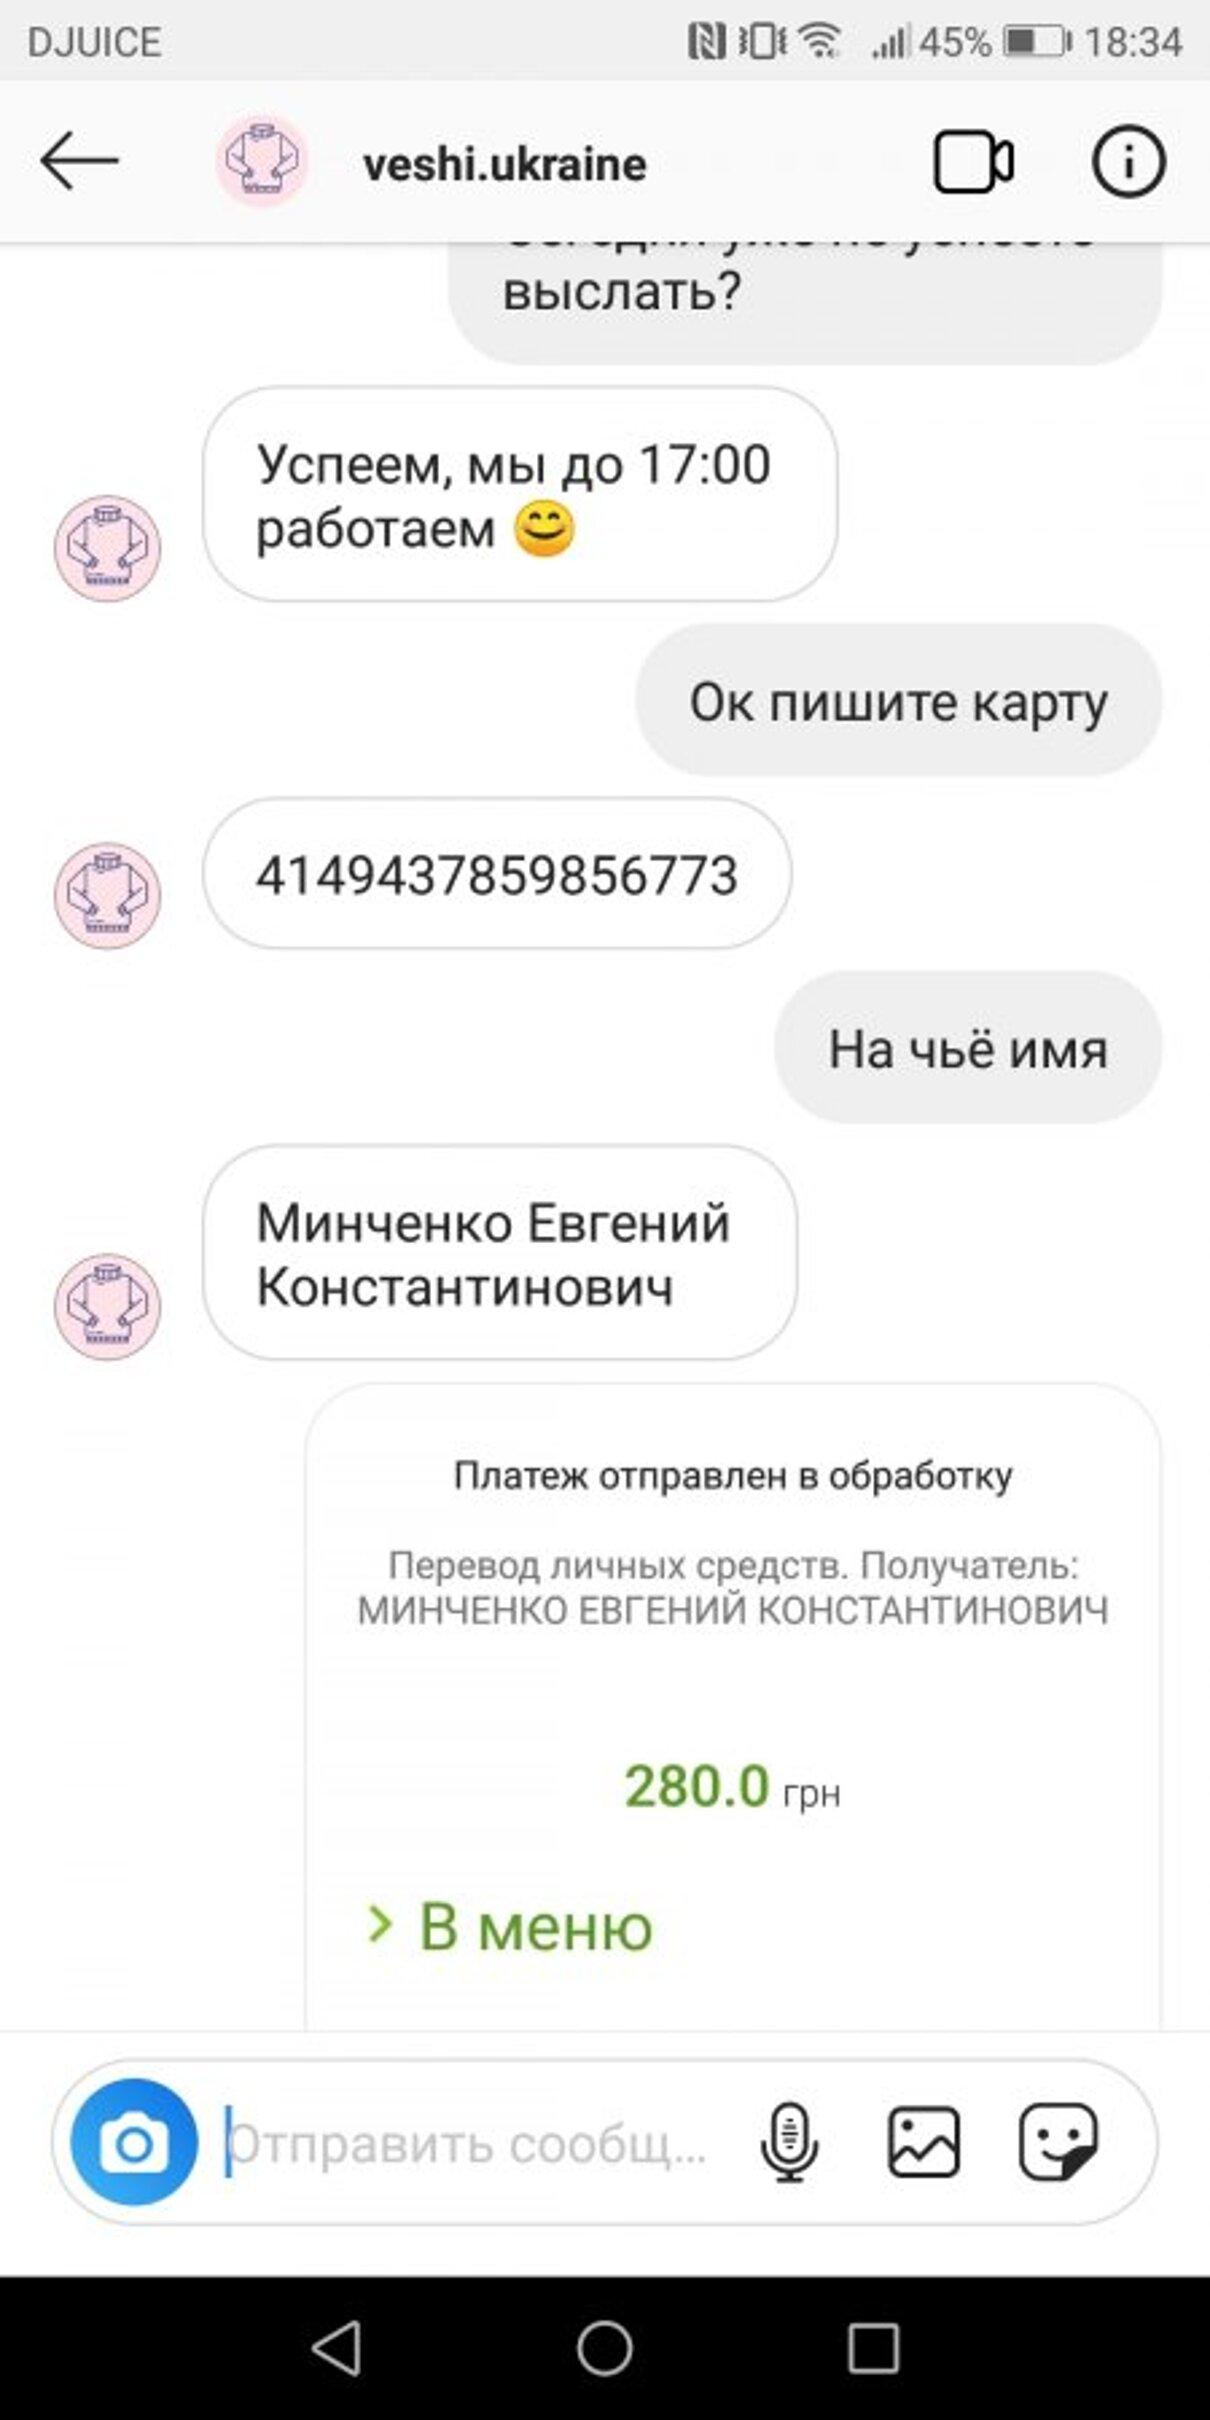 Жалоба-отзыв: Минченко Евгений - Мошенник